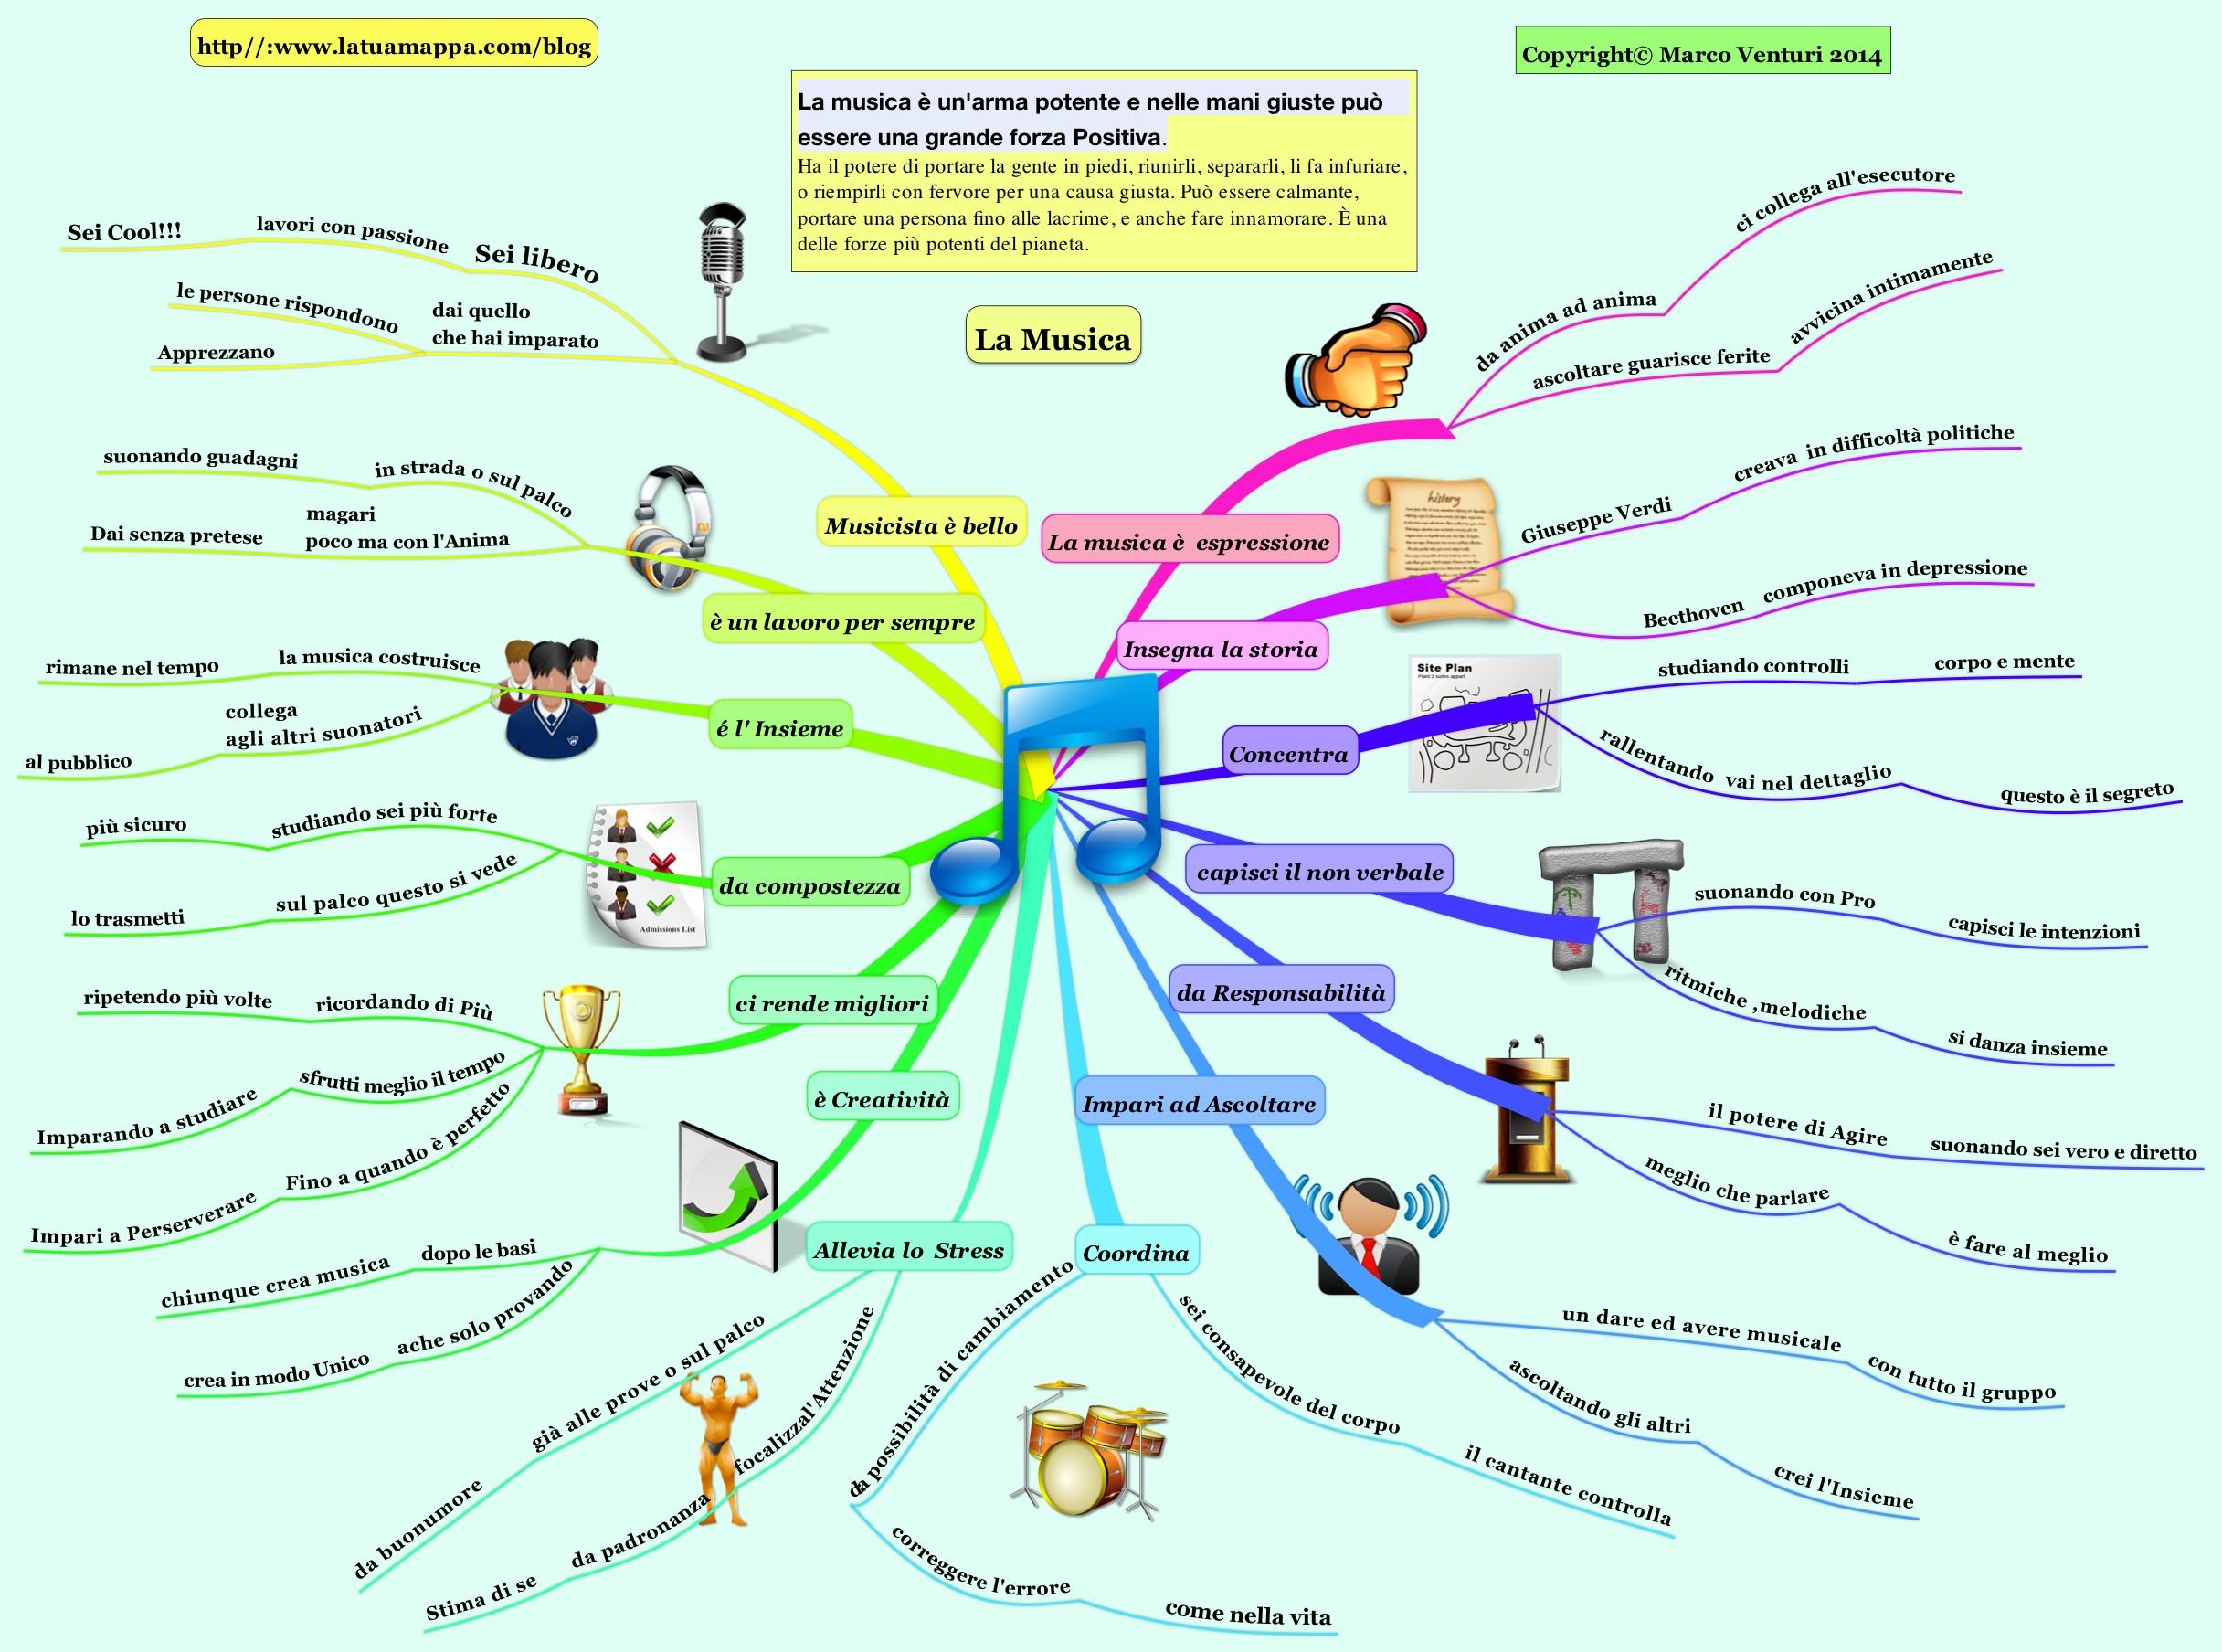 Mappa mentale di riassunto sulle qualità della Musica